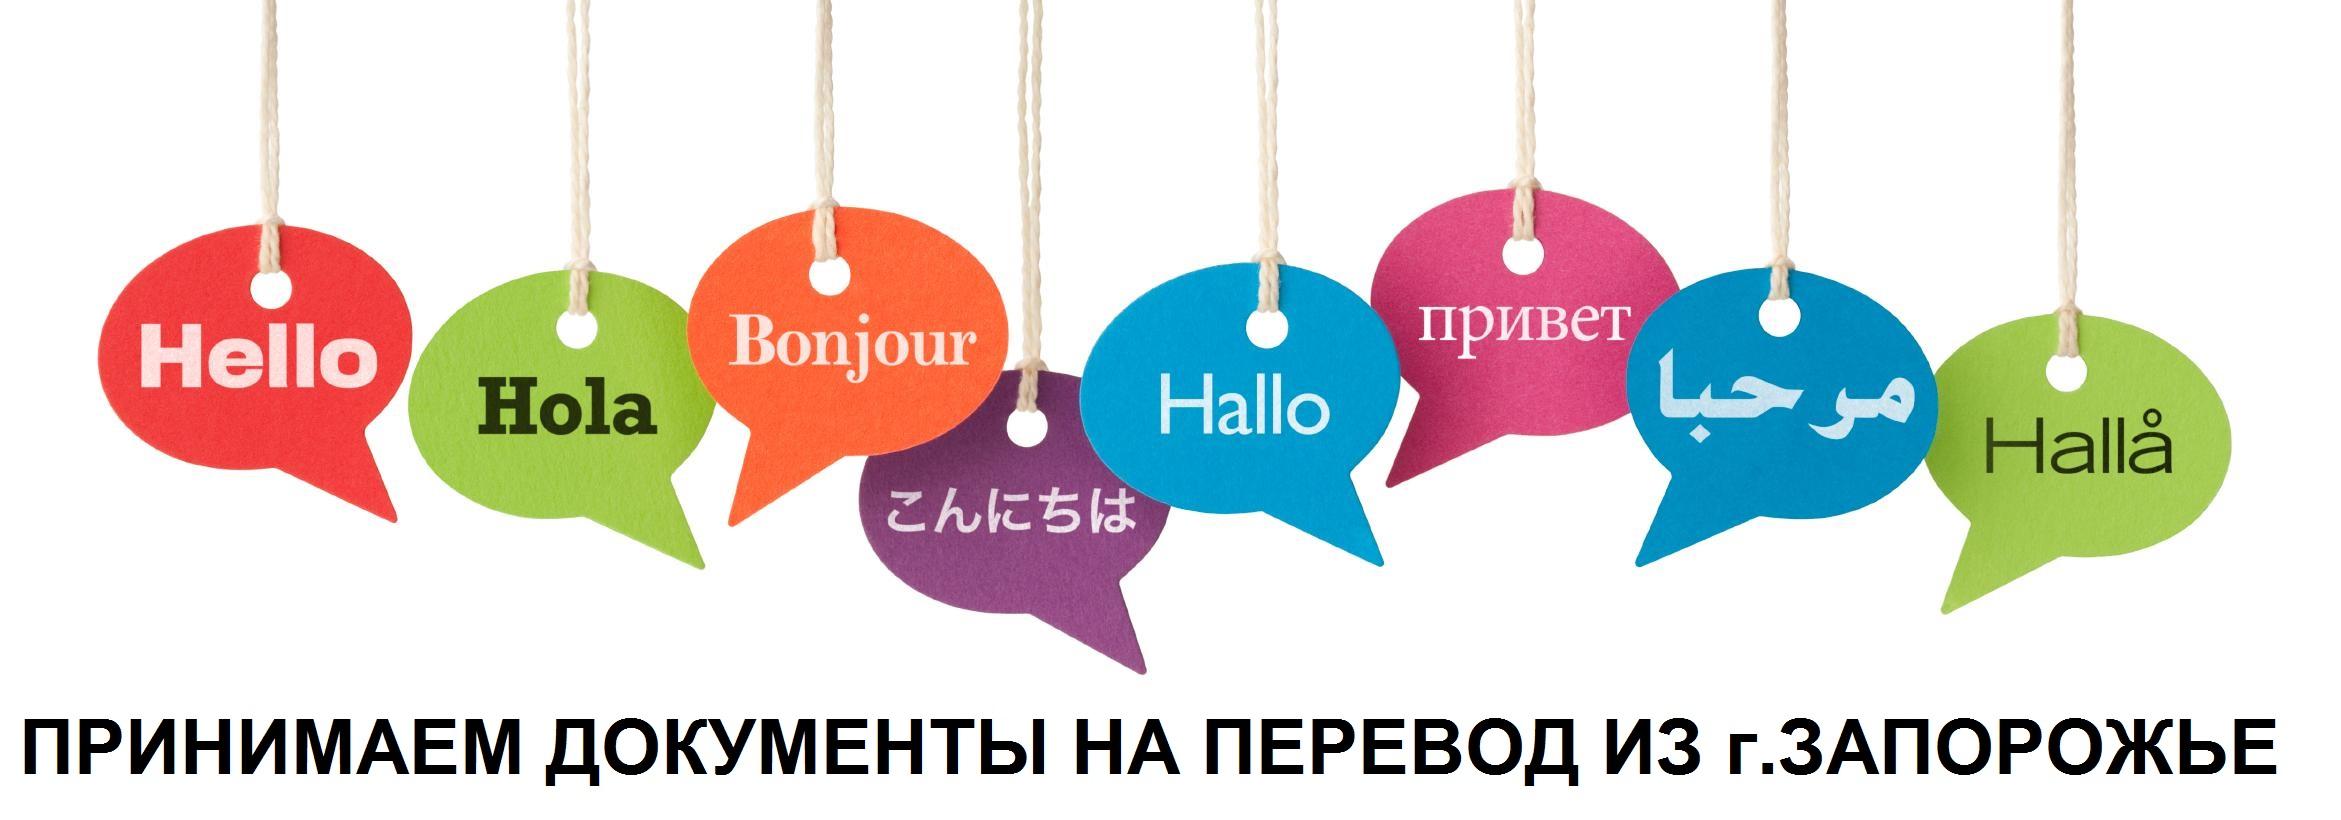 ПРИНИМАЕМ ДОКУМЕНТЫ НА ПЕРЕВОД ИЗ г.ЗАПОРОЖЬЕ - SpravkaInform.com.ua